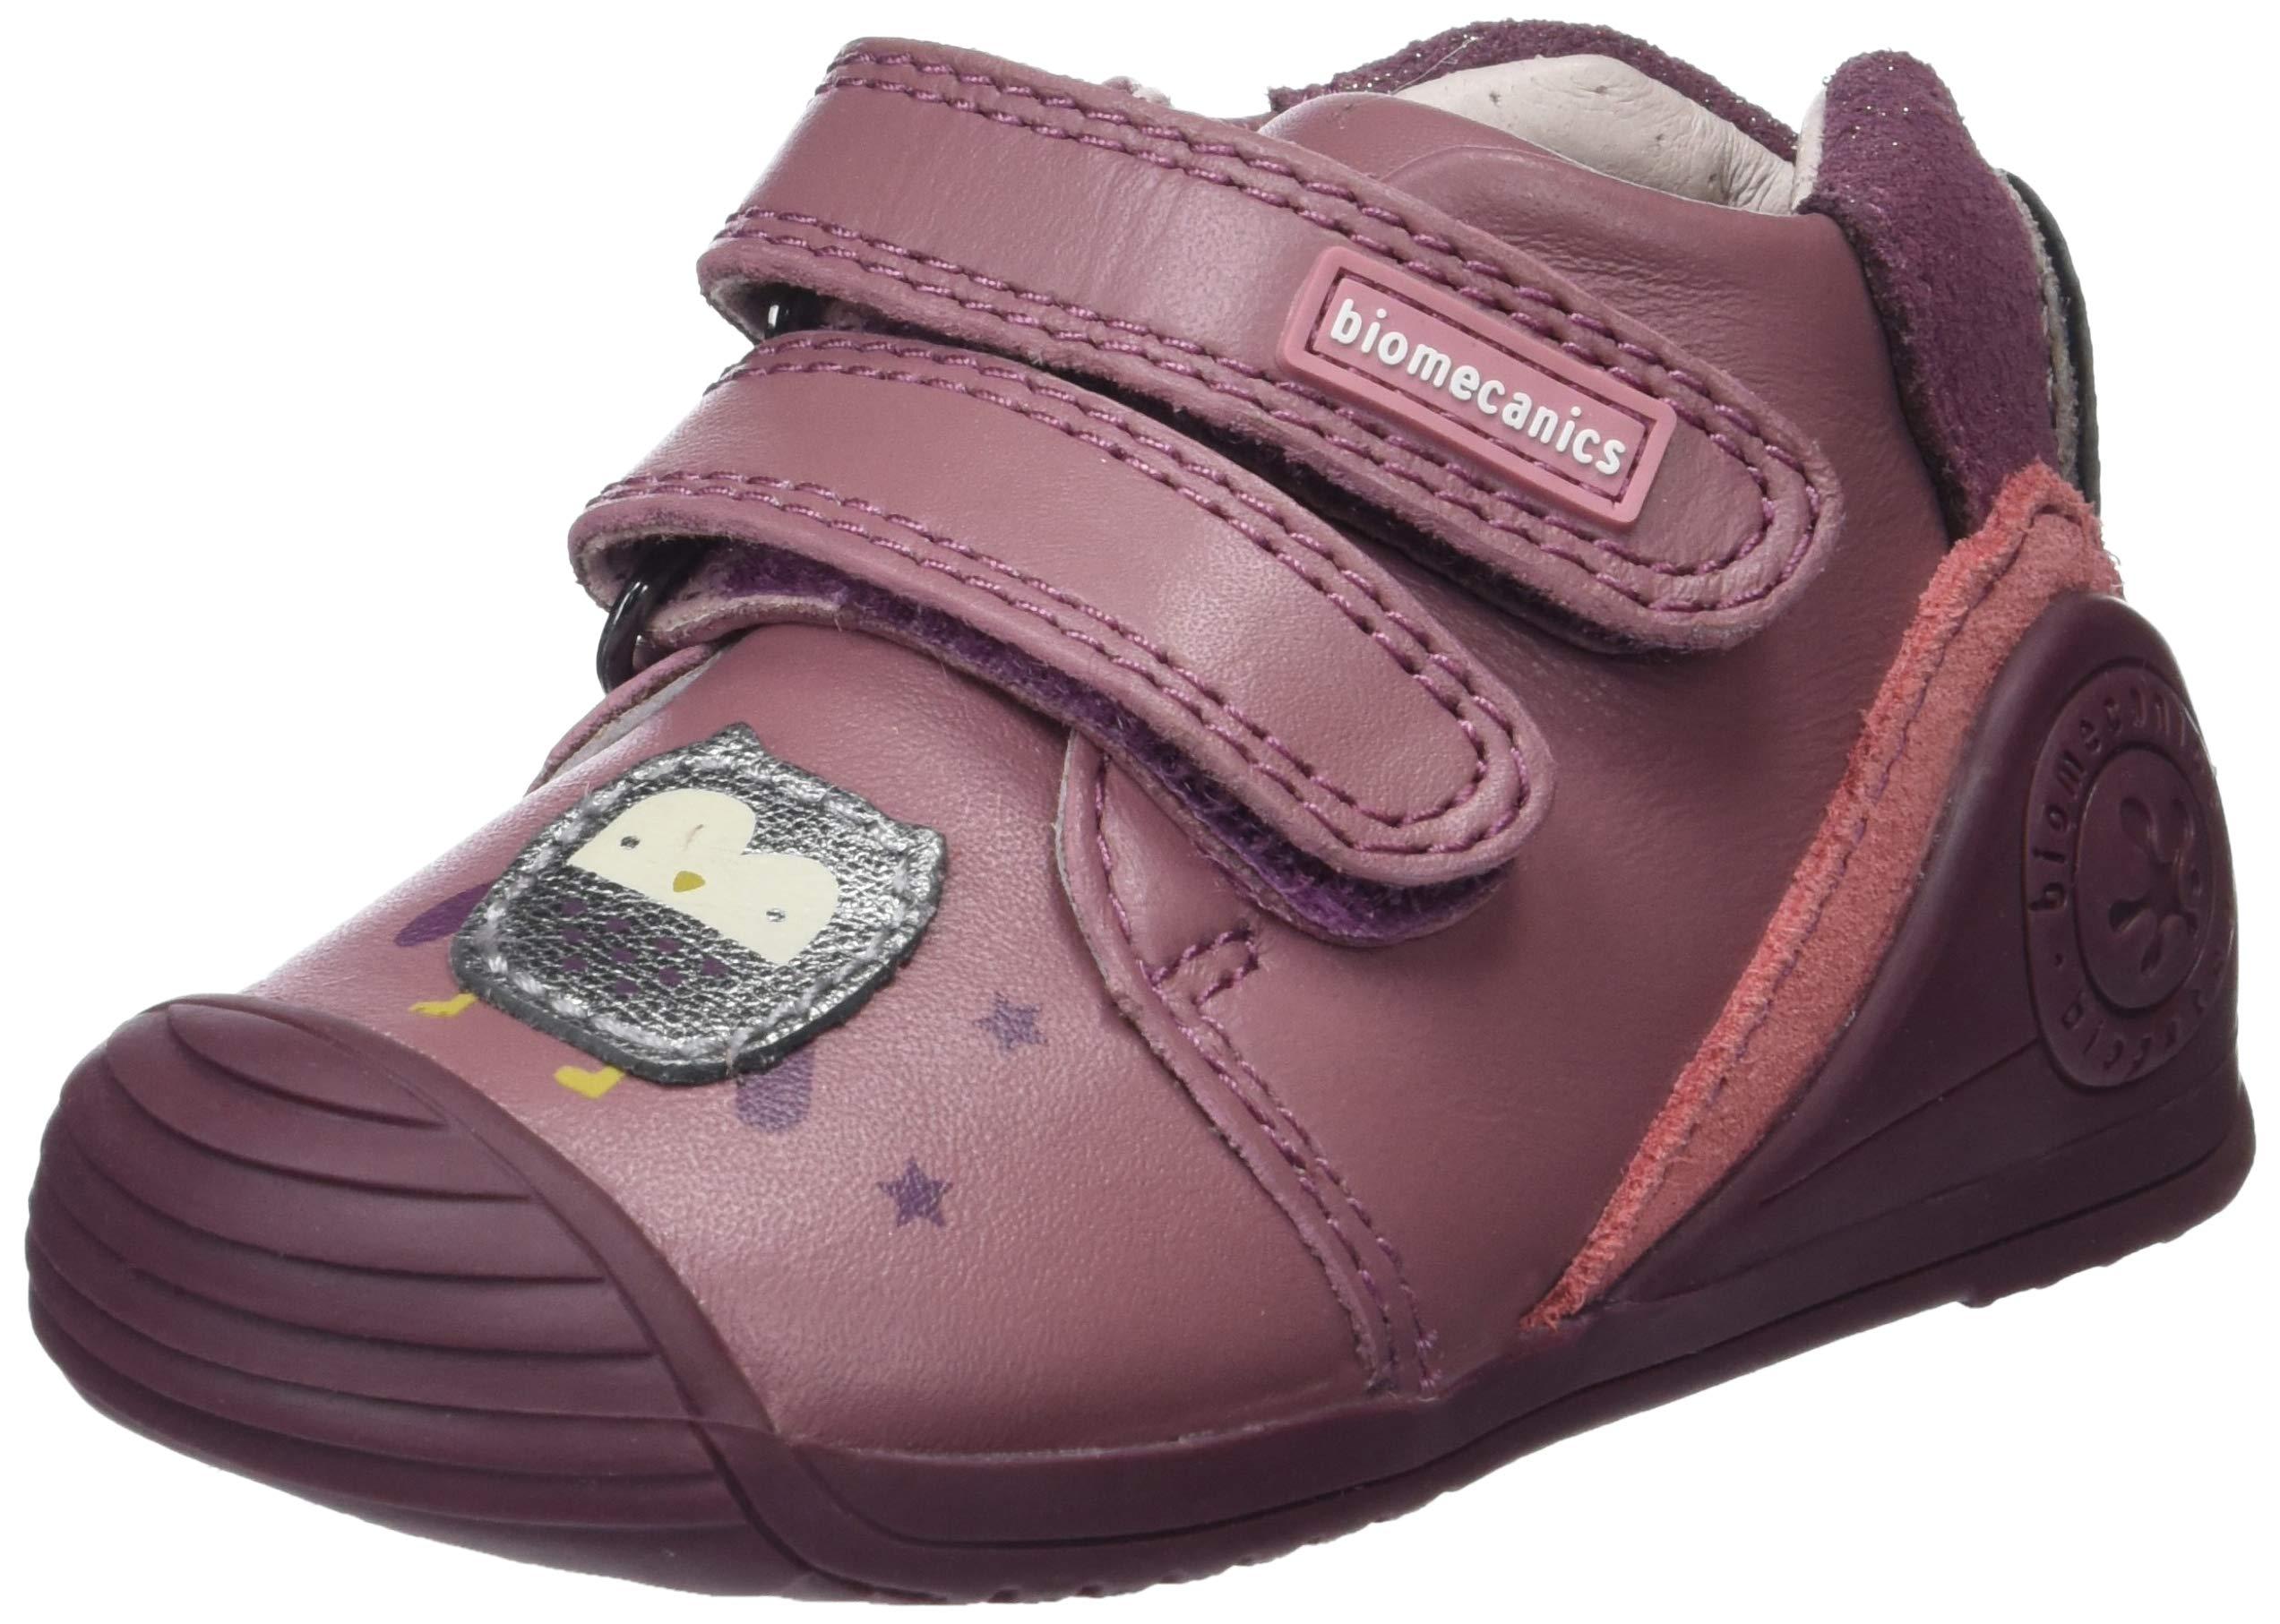 efb4ae199643f Mejor valorados en Zapatos para niñas   Opiniones útiles de nuestros ...